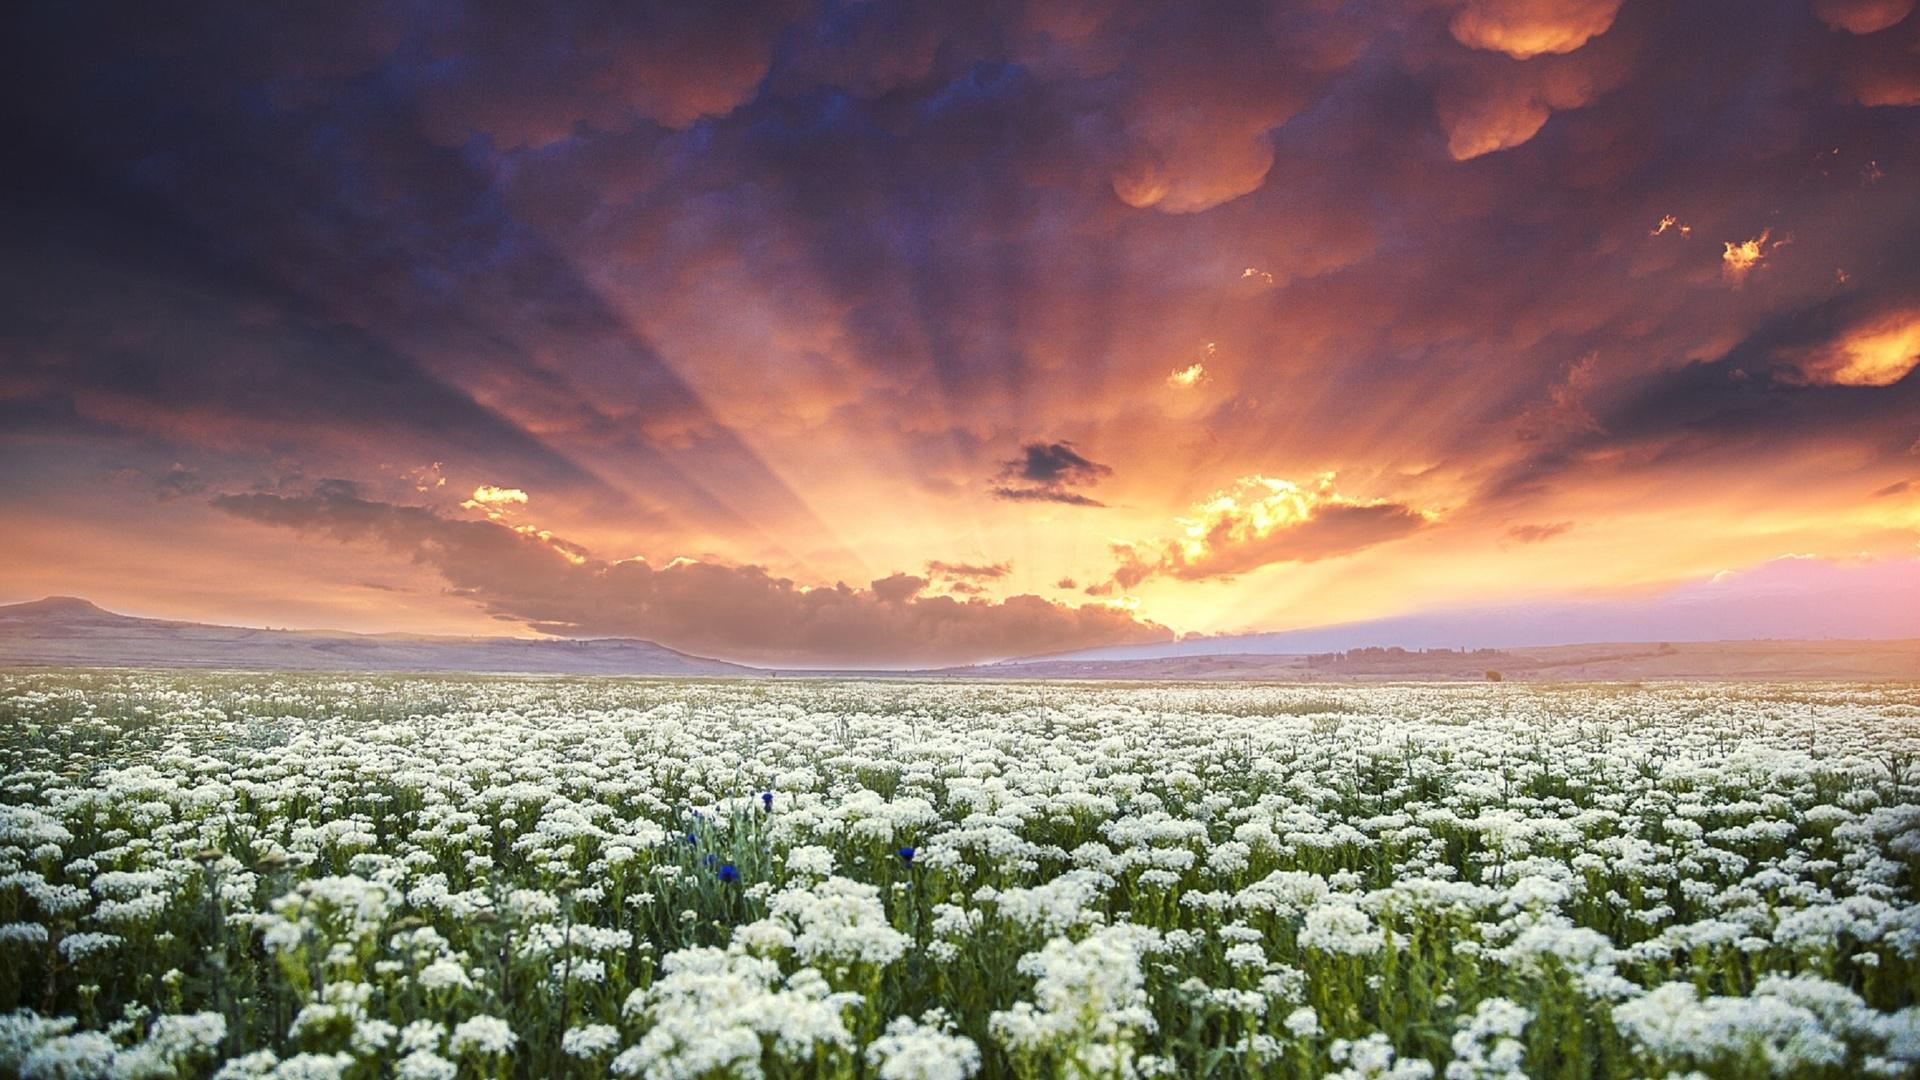 картинки облака и ромашки покажут